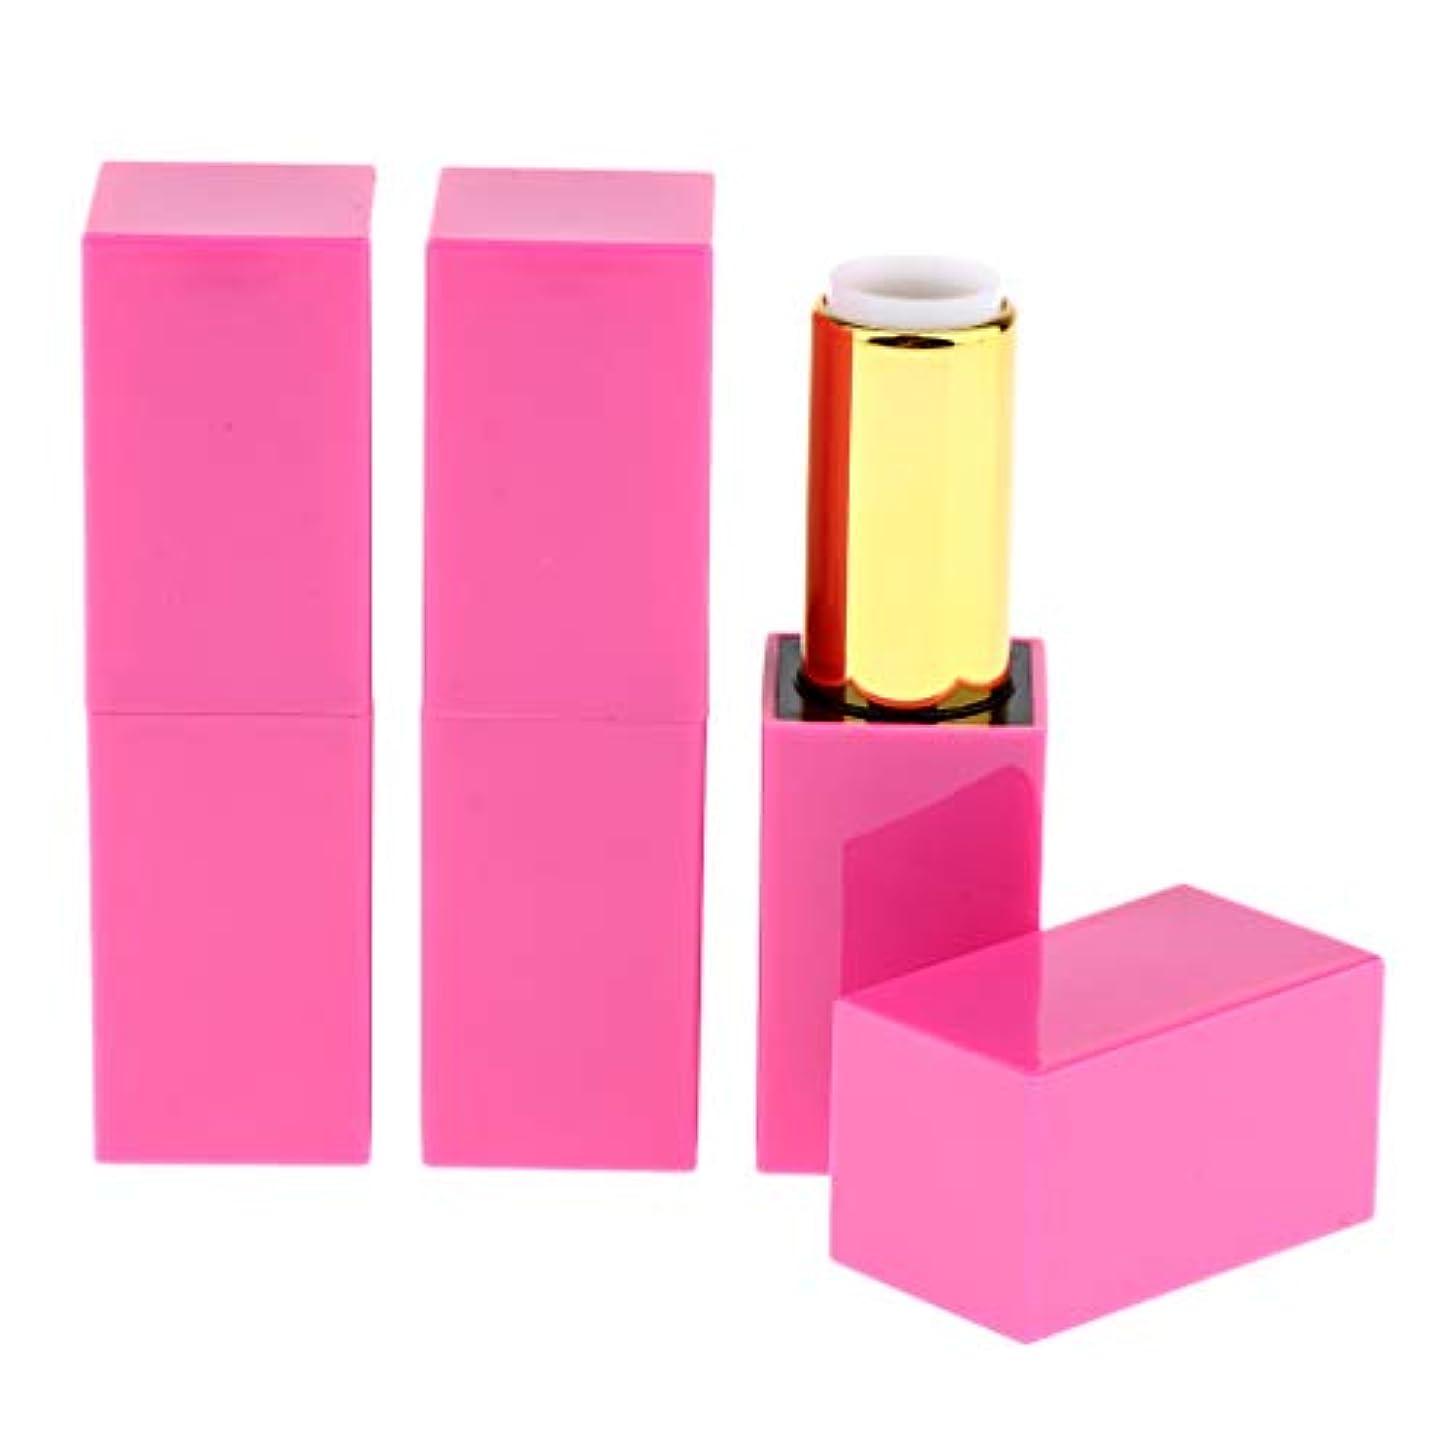 バック直径ワインDYNWAVE リップグロスチューブ 3本リップクリームボトル 空ボトル 小分けボトル 化粧品詰め替えボトル手作り化粧品